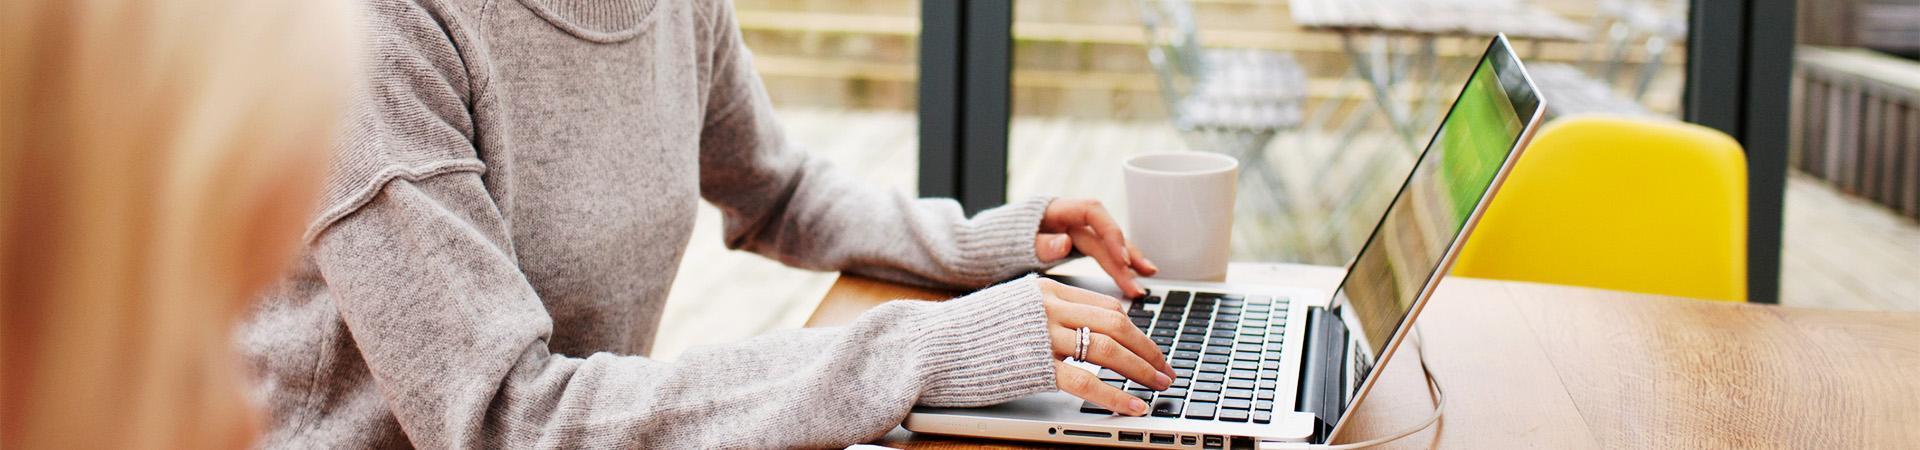 Kobieta korzystająca z laptopa